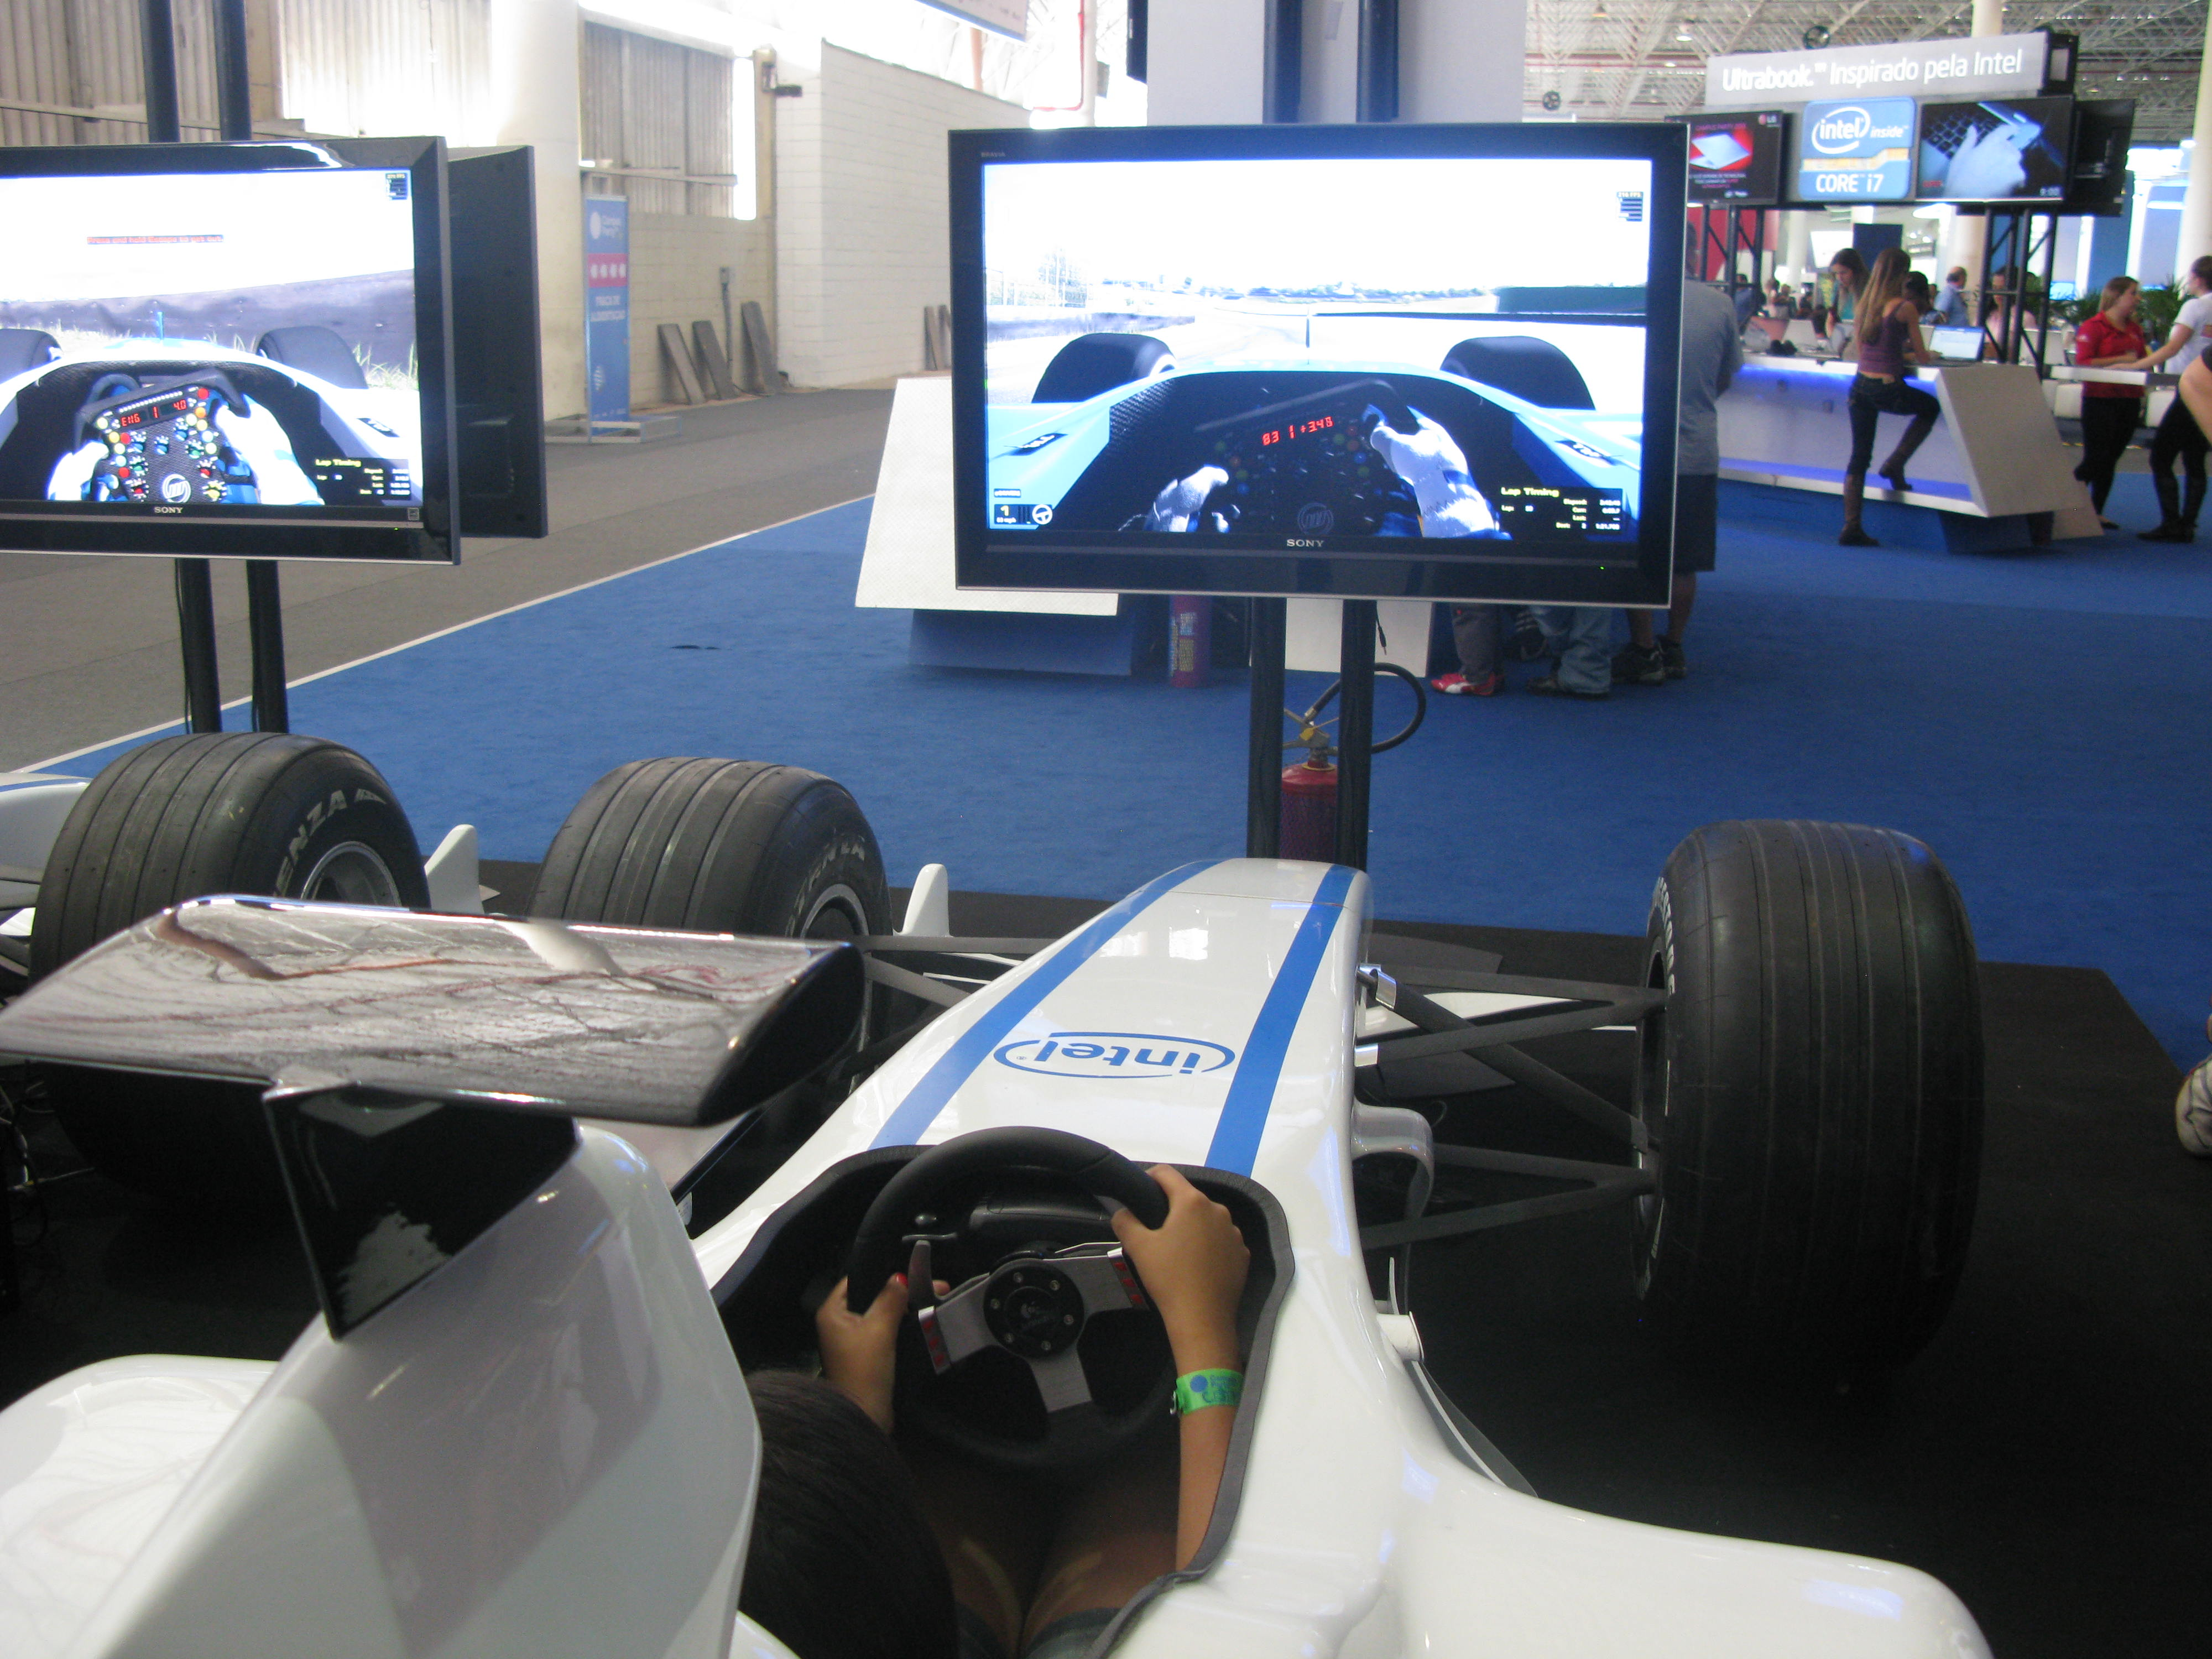 Réplica de cockpit de Fórmula 1 é destaque